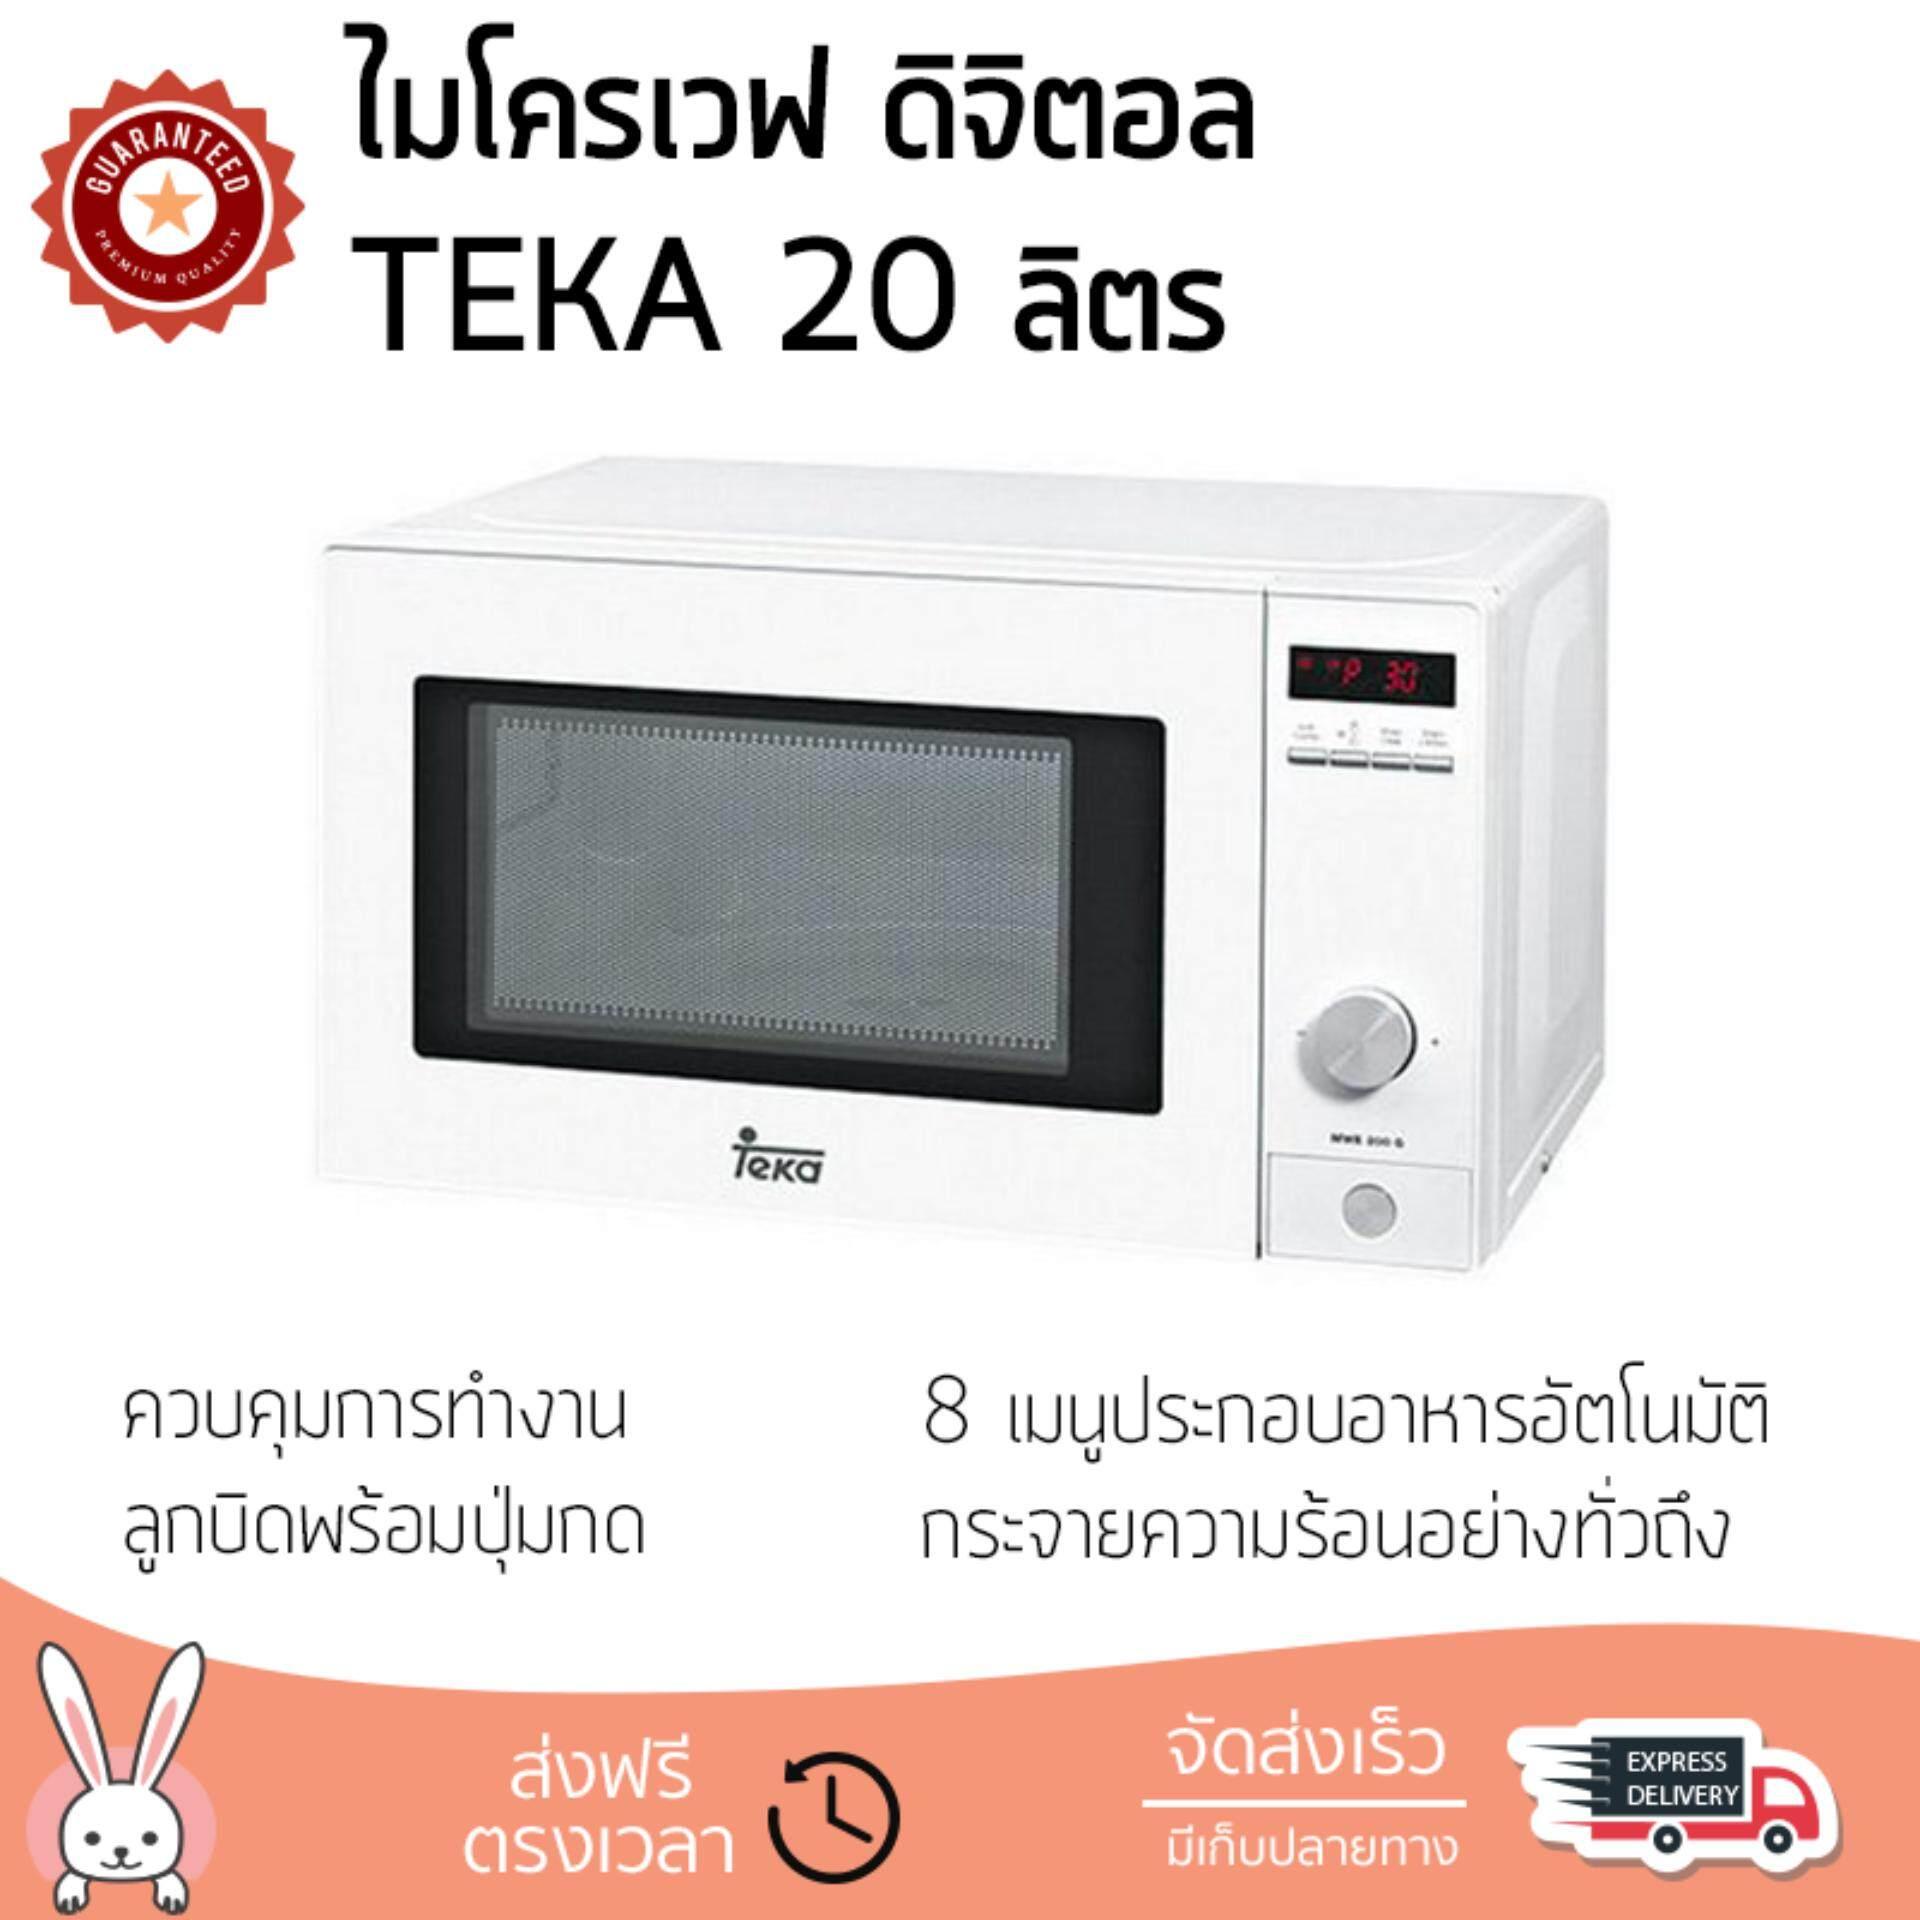 รุ่นใหม่ล่าสุด ไมโครเวฟ เตาอบไมโครเวฟ ไมโครเวฟ ดิจิตอล TEKA MWE 200 G WHITE 20L | TEKA | MWE 200 G White ปรับระดับความร้อนได้หลายระดับ  มีฟังก์ชันละลายน้ำแข็ง ใช้งานง่าย Microwave จัดส่งฟรีทั่วประเทศ